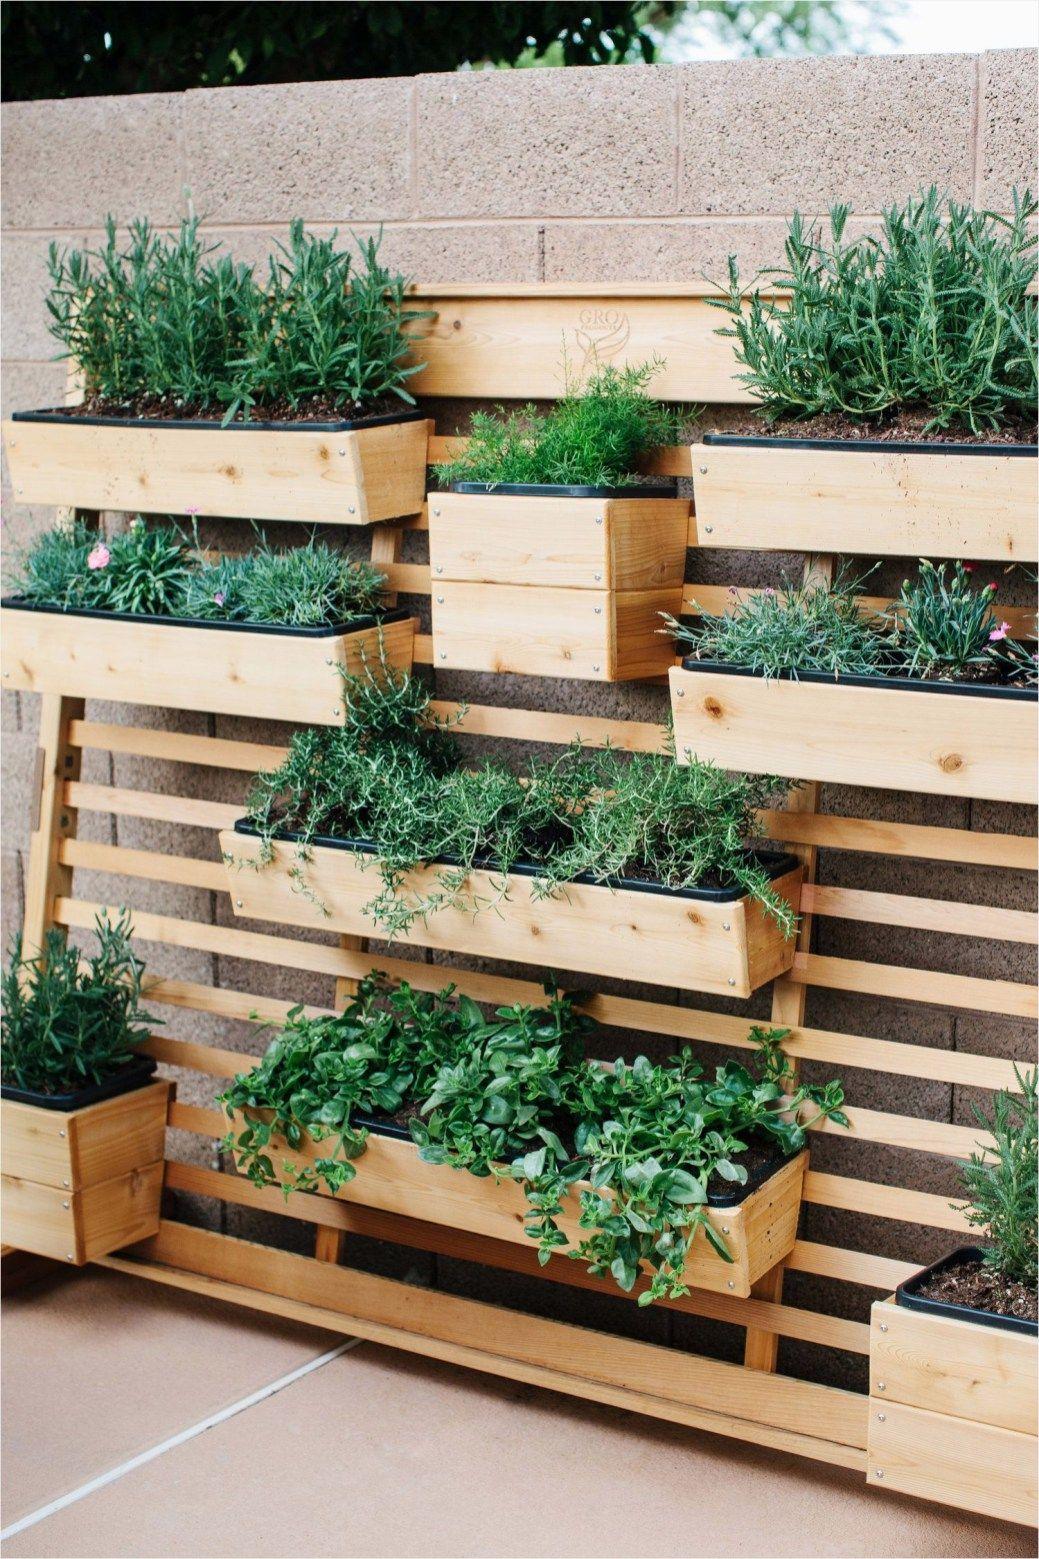 41 Diy Creative Vertical Garden Wall